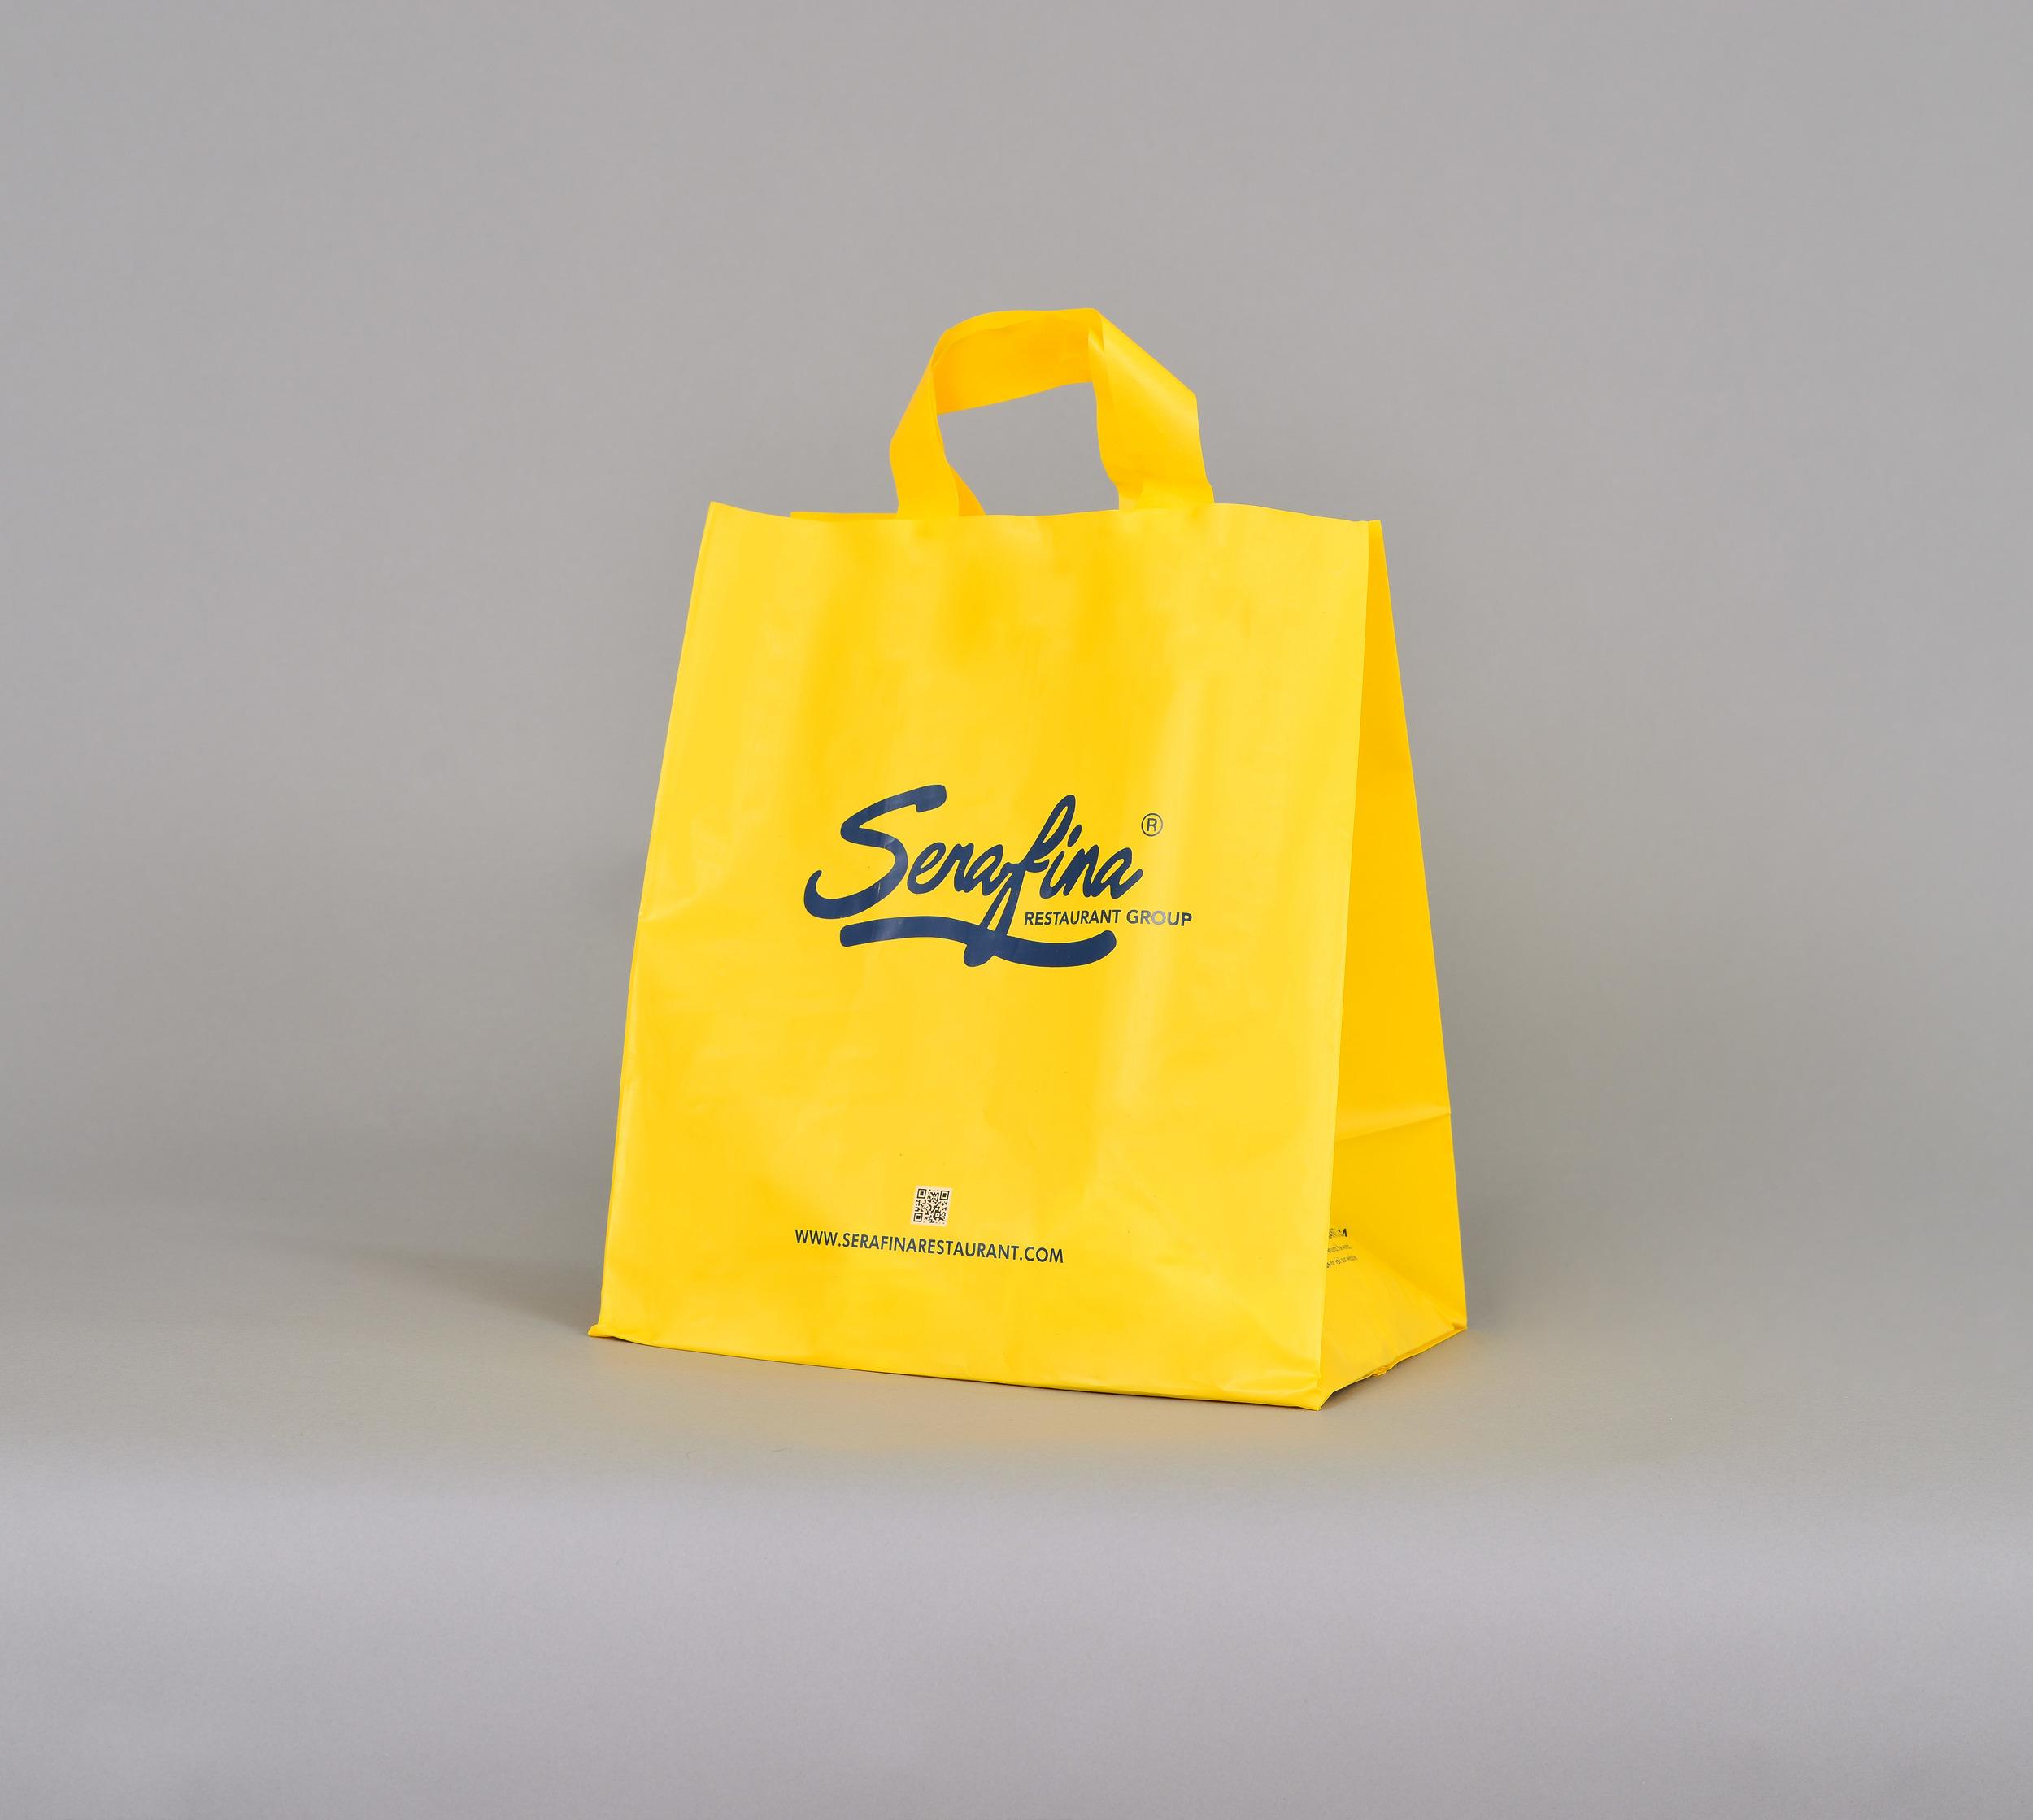 CPI Packaging - Serafina